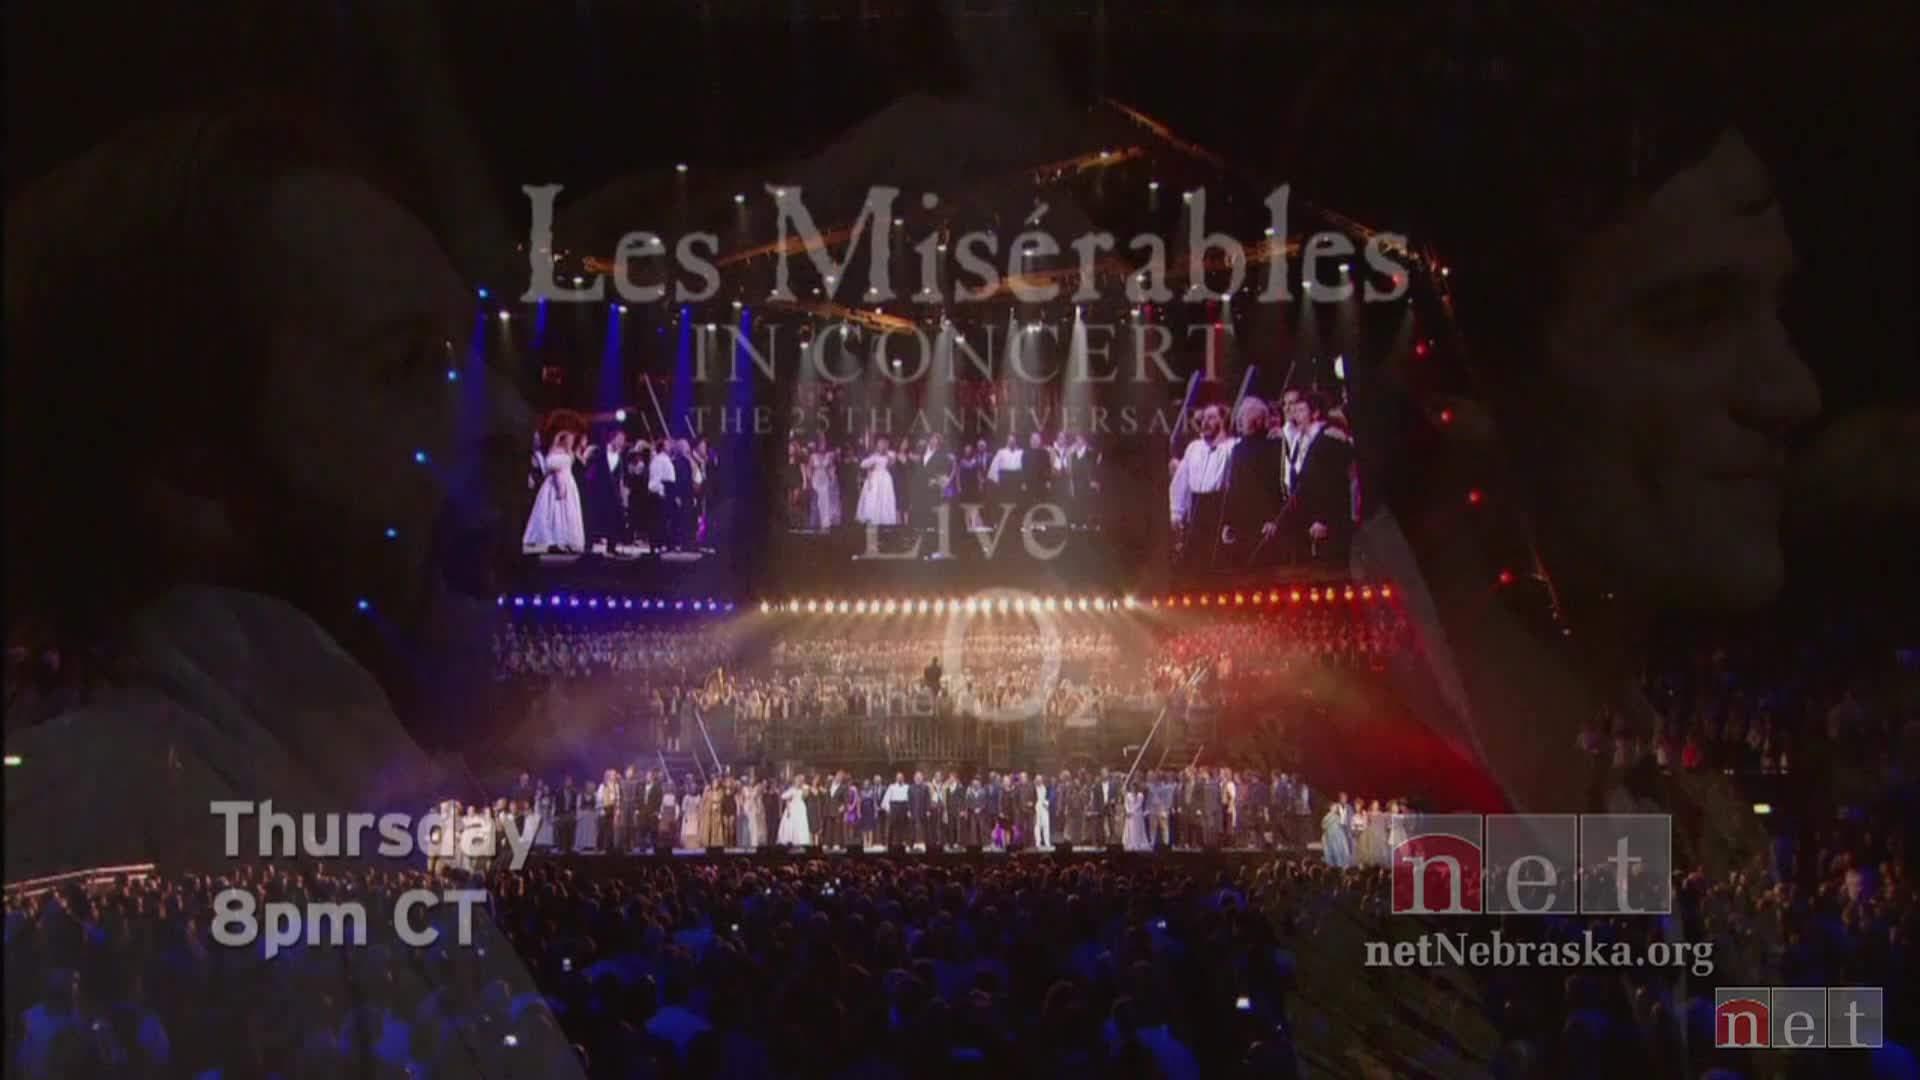 Les Miserables 25th Ann Concert Thur 8pm